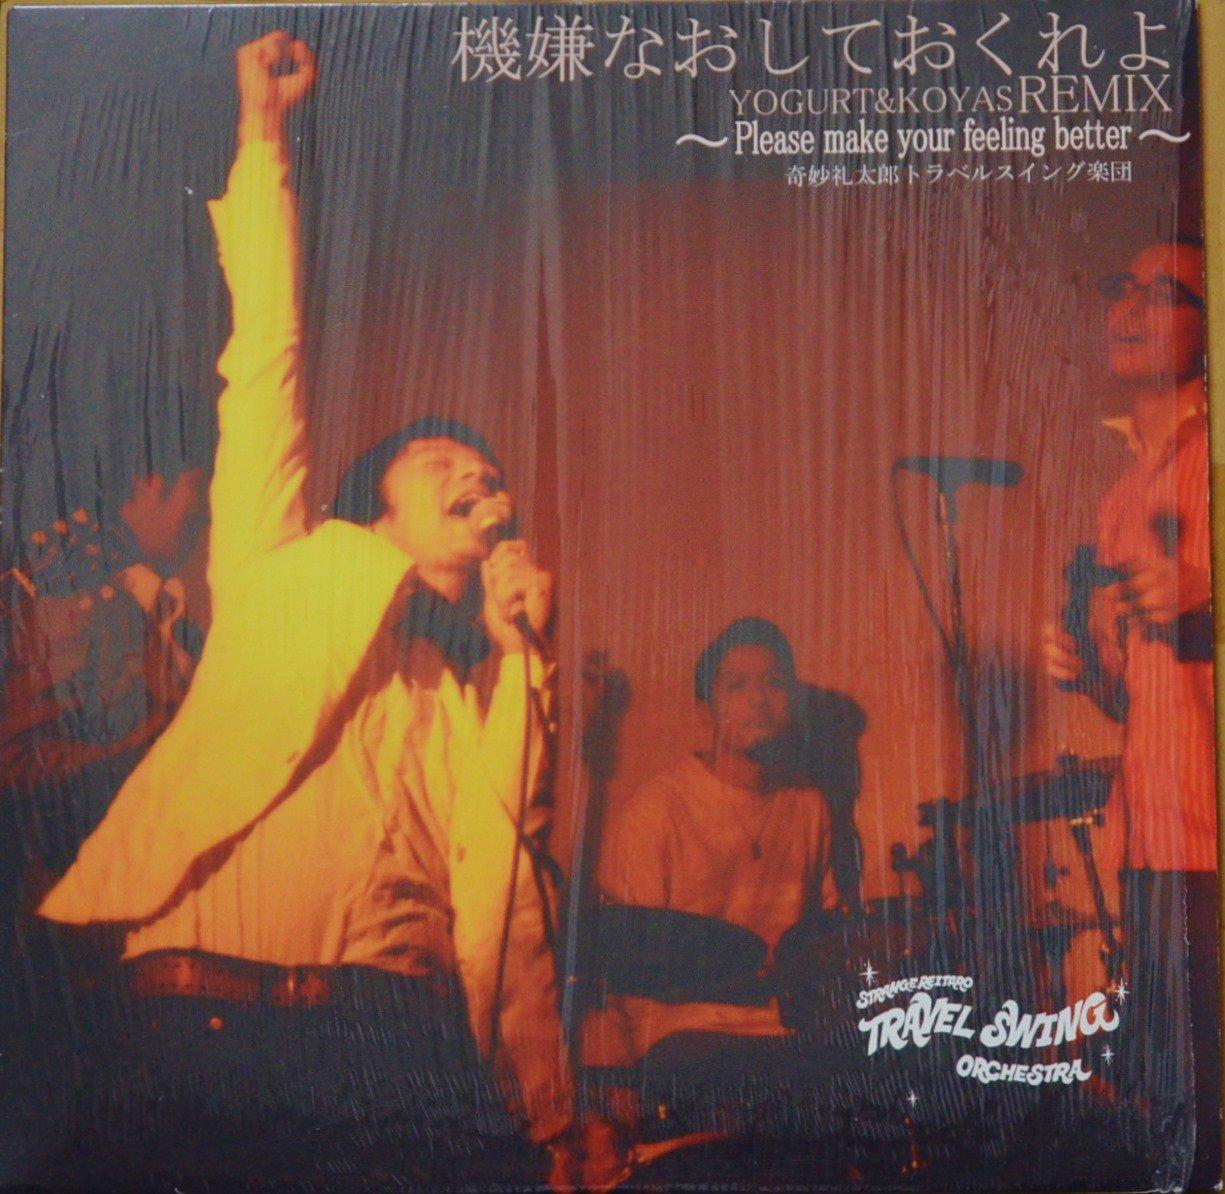 奇妙礼太郎トラベルスイング楽団 / 機嫌なおしておくれよ YOGURT & KOYAS REMIX (12